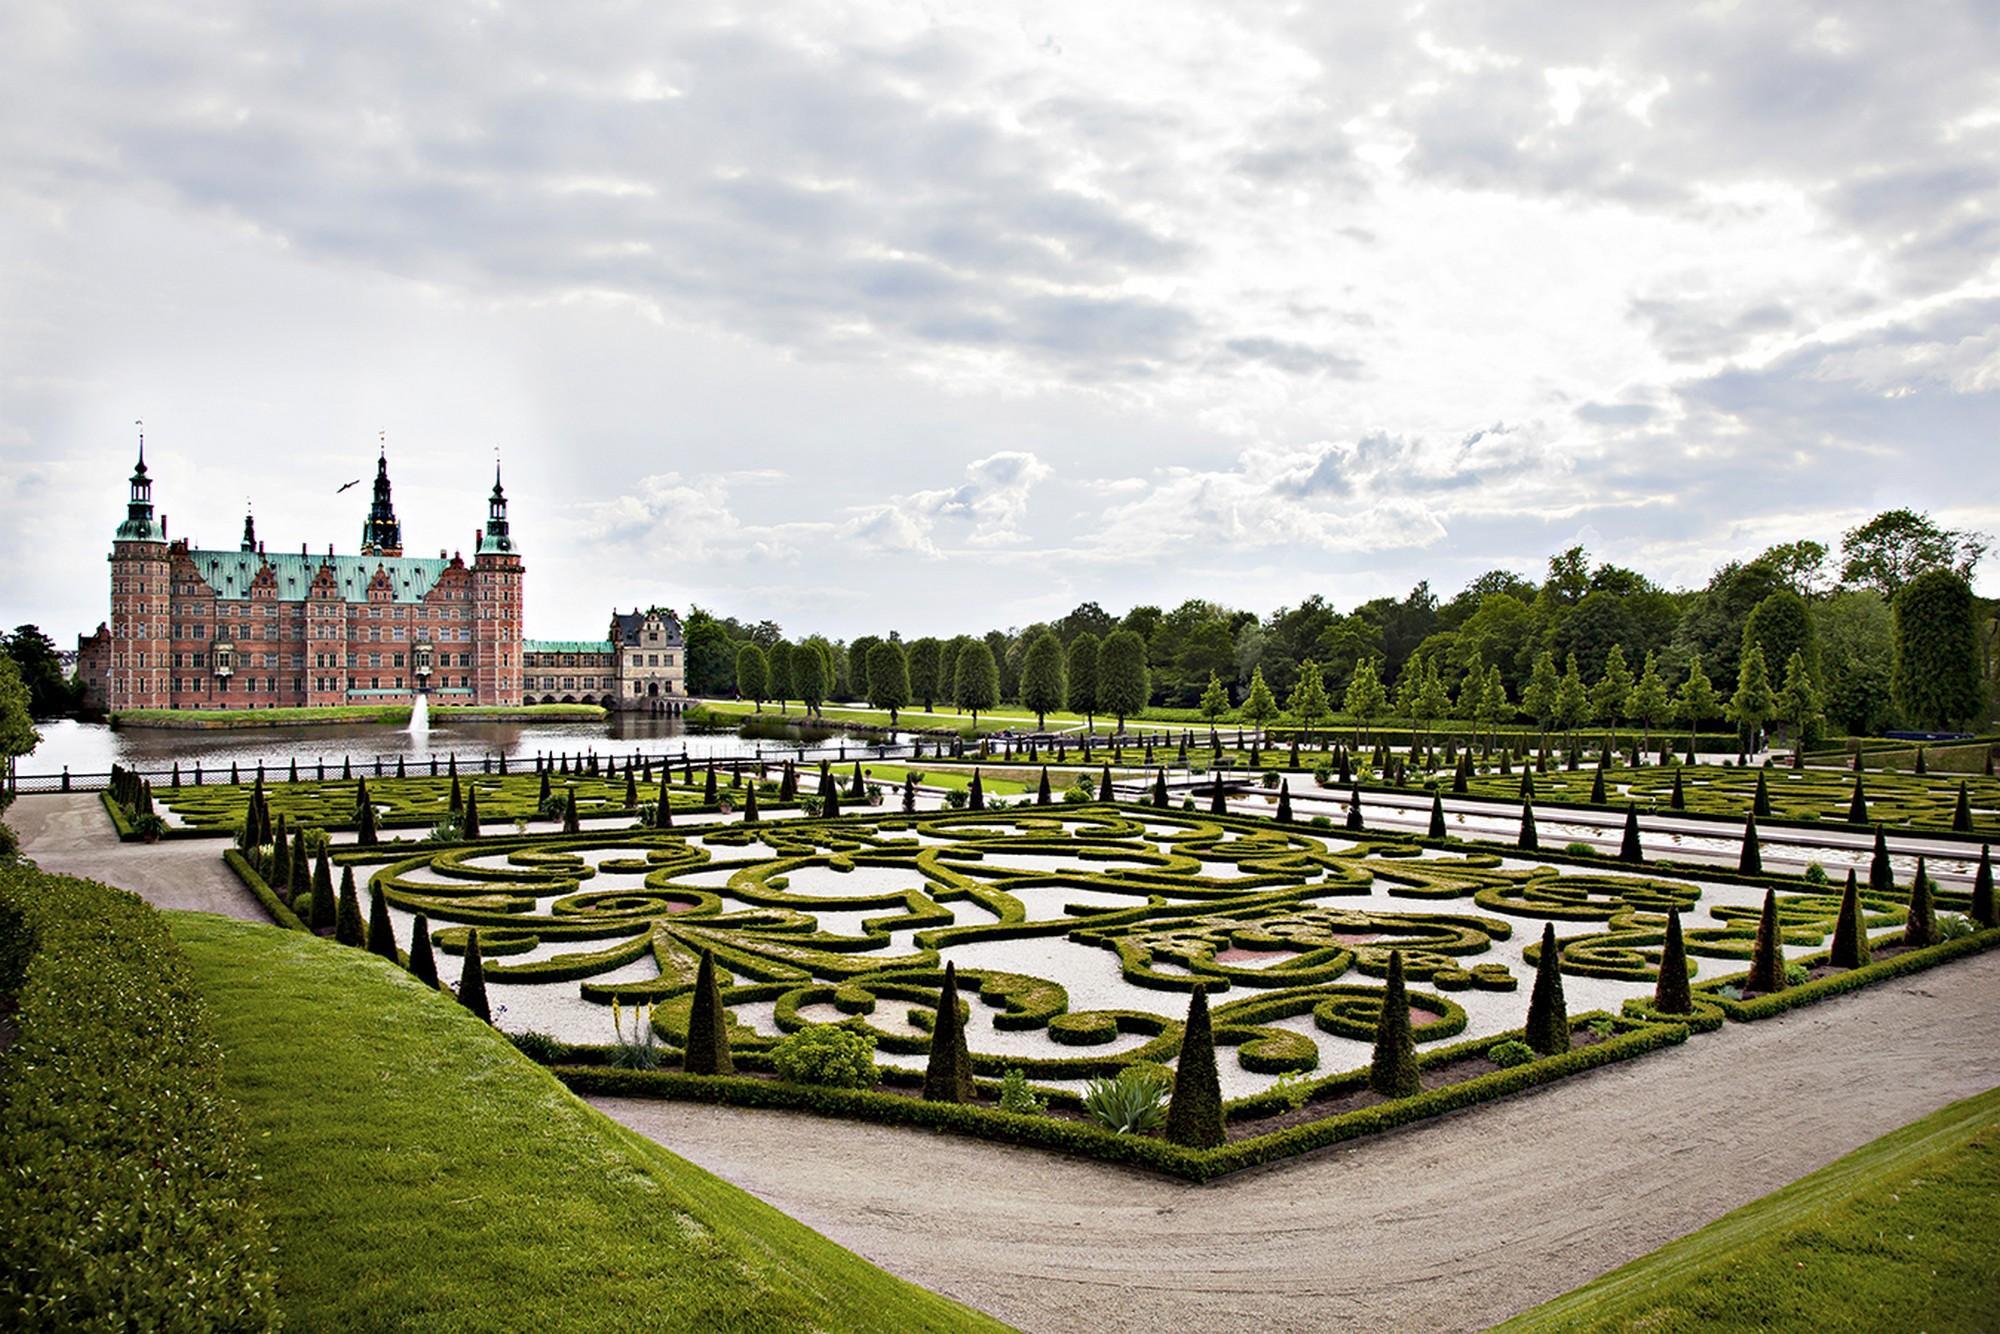 Le jardin baroque du château de Frederiksborg a été recréé à partir des plans datant de l'époque de Frederik V. - © Photographie de Charlotte Dahl / Le musée de l'histoire nationale au château de Frederiksborg